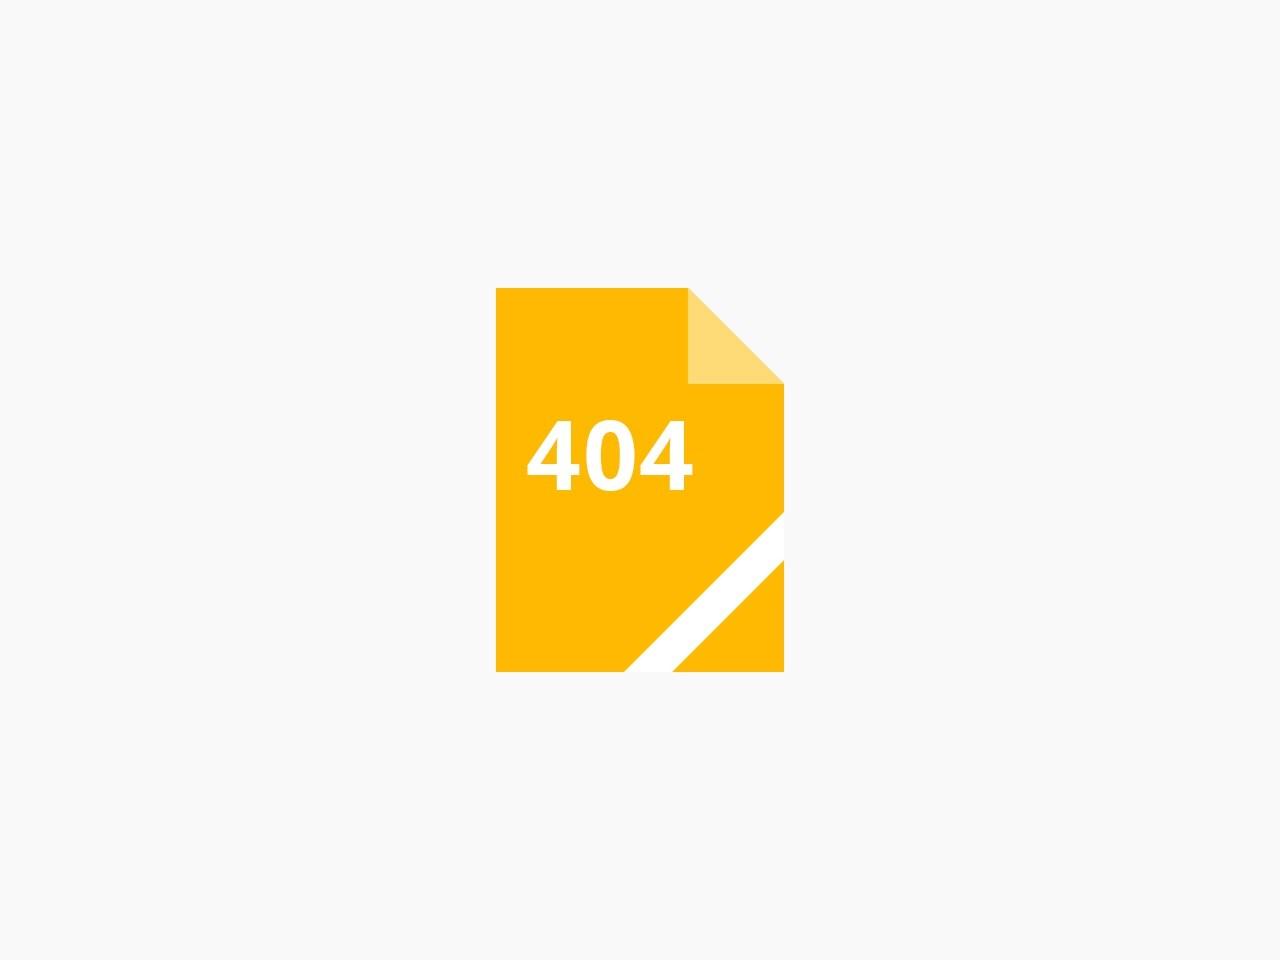 双赢网址目录__行业网址提交_资源网站大全